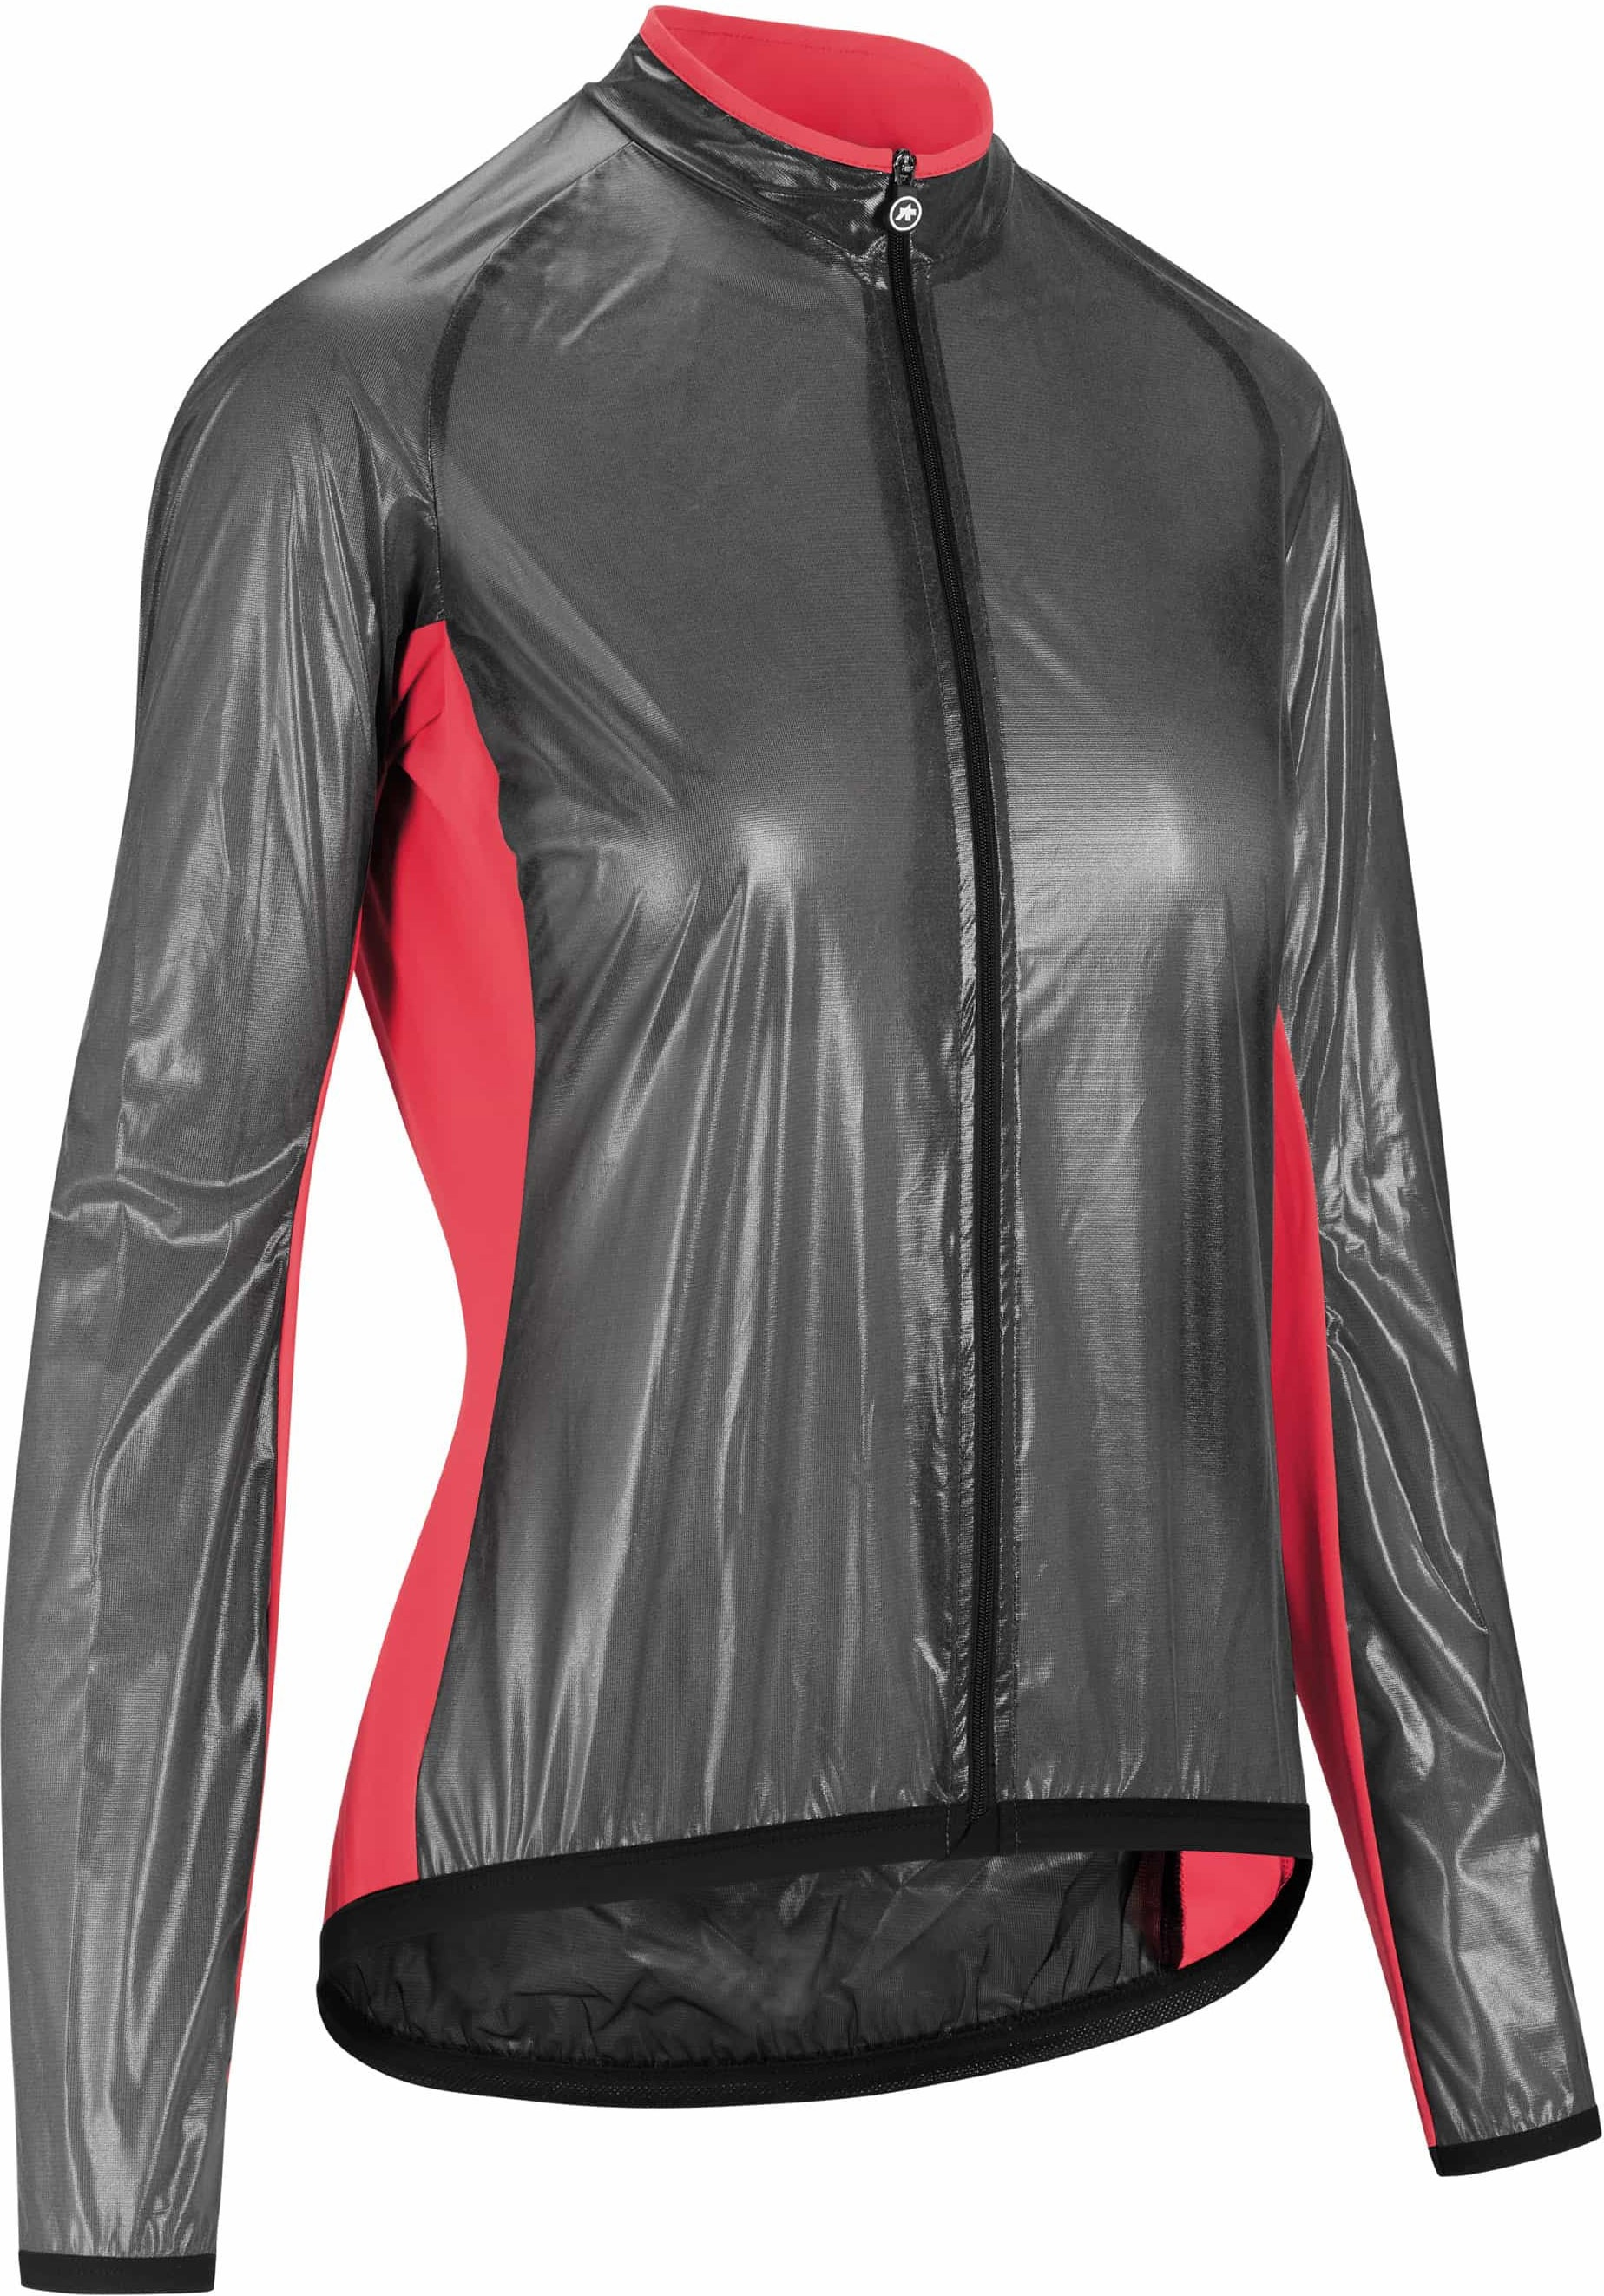 Assos Uma Gt Clima Jacket - Sort/Pink Beklædning > Cykeltøj Til Kvinder